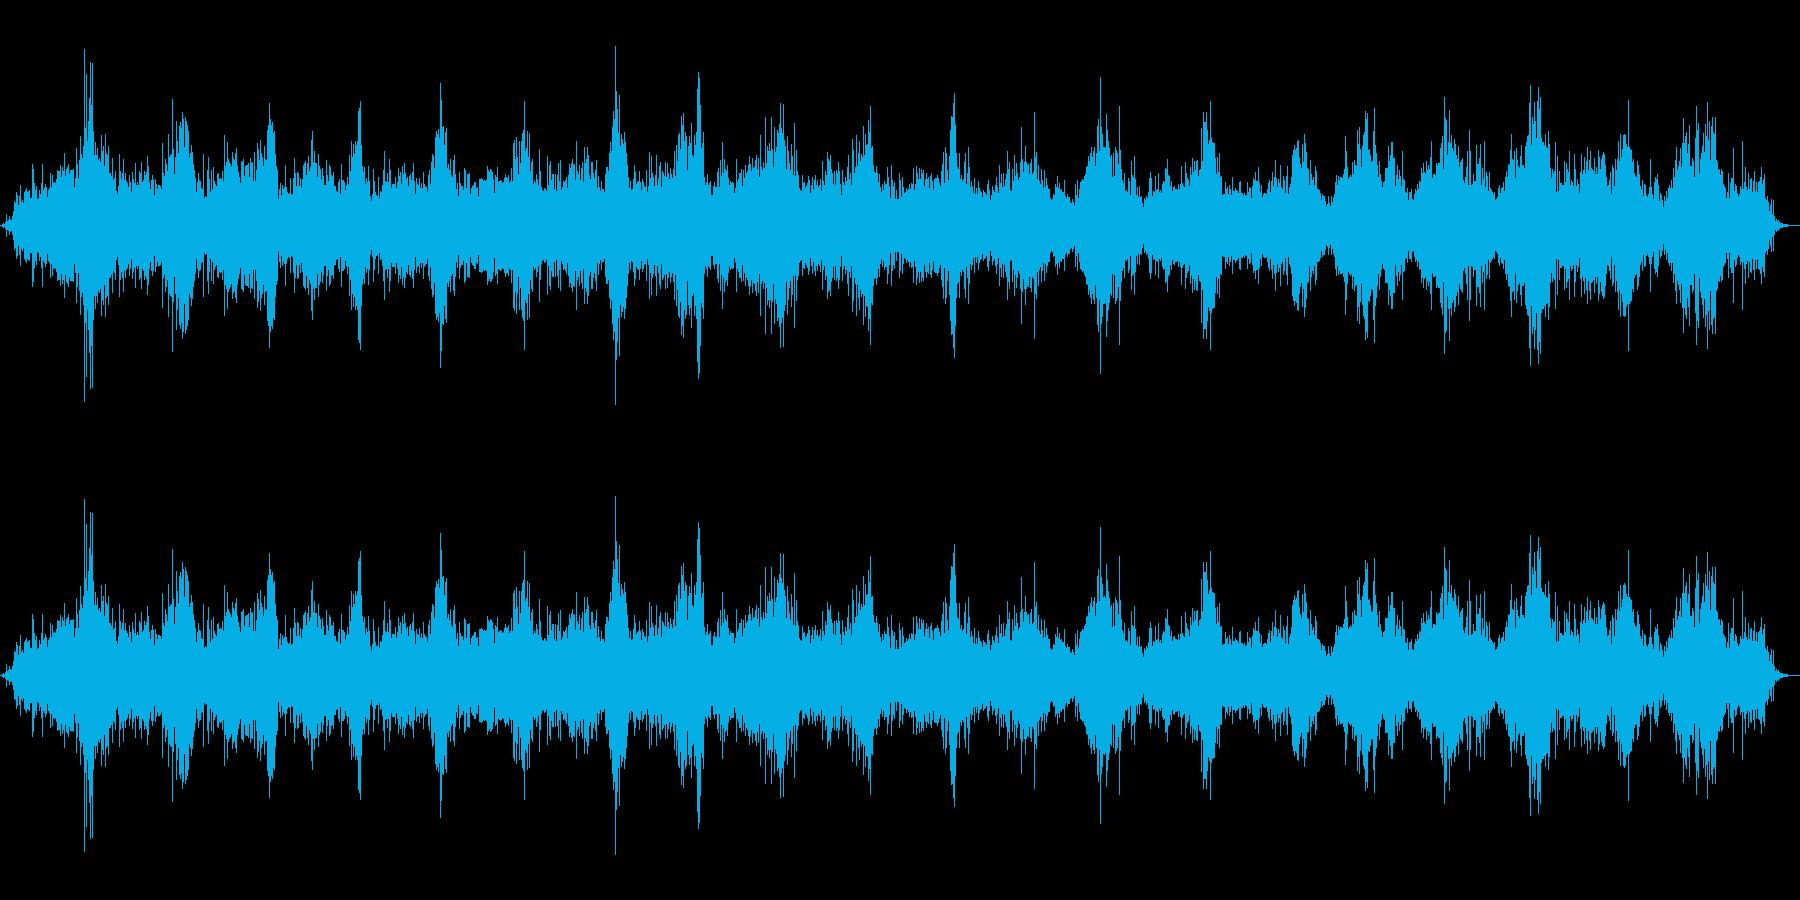 お米を研ぐ音(台所/炊事/ごはん/長め)の再生済みの波形